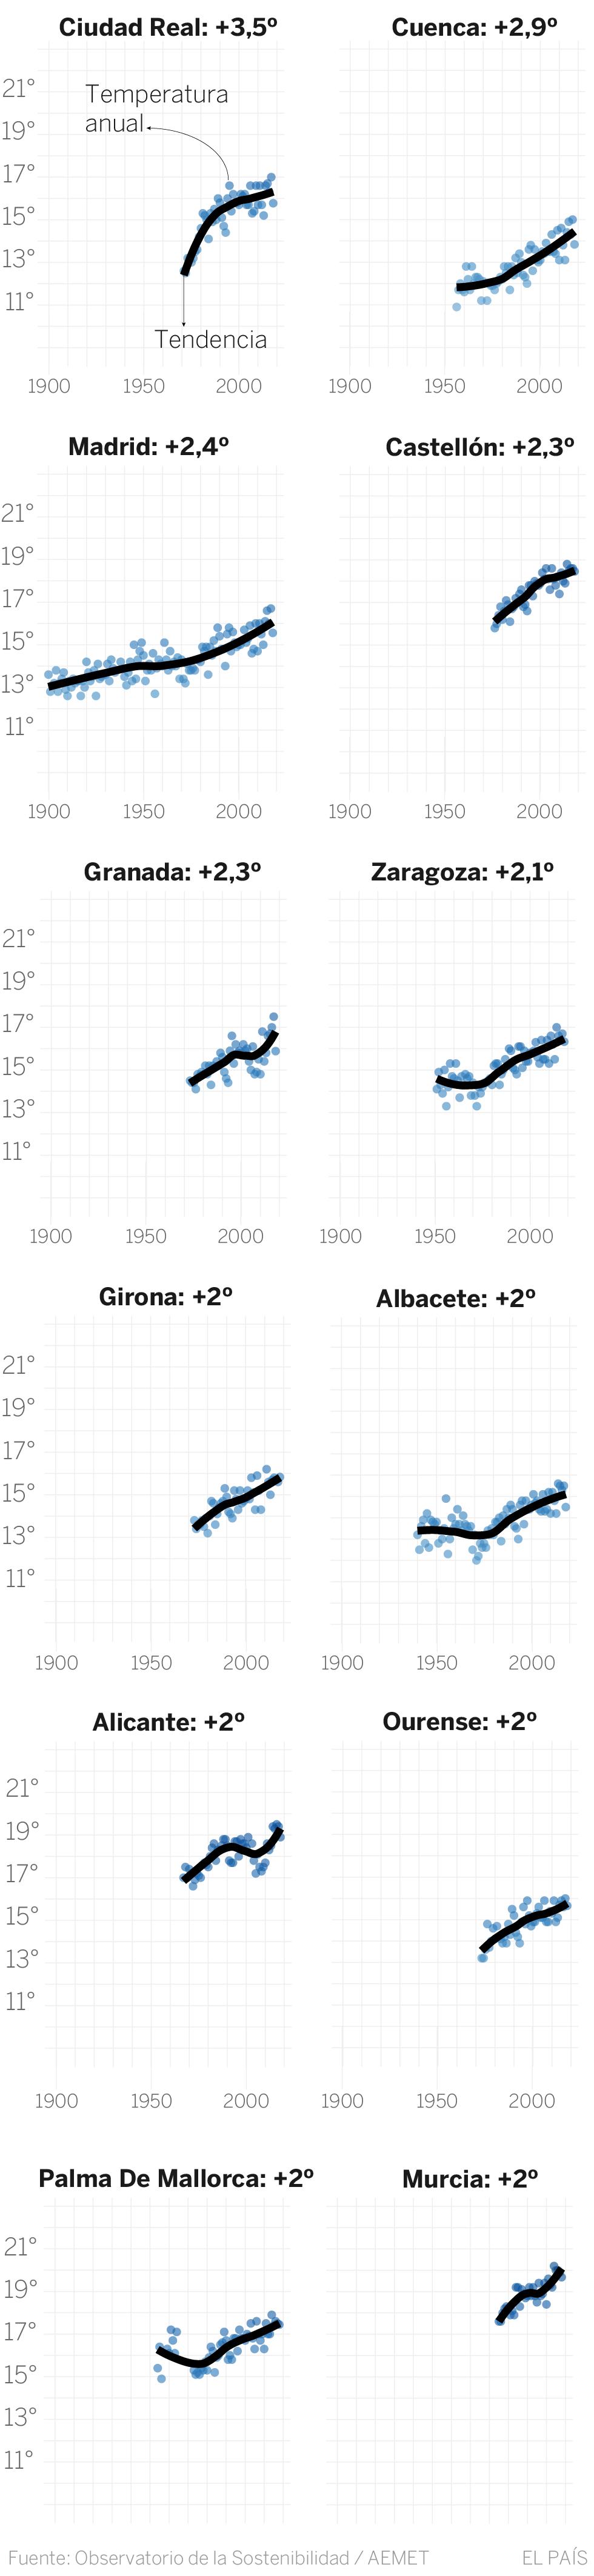 La Temperatura En Las Ciudades Espanolas Ha Subido El Doble Que La Media Mundial En 50 Anos Ciencia El Pais